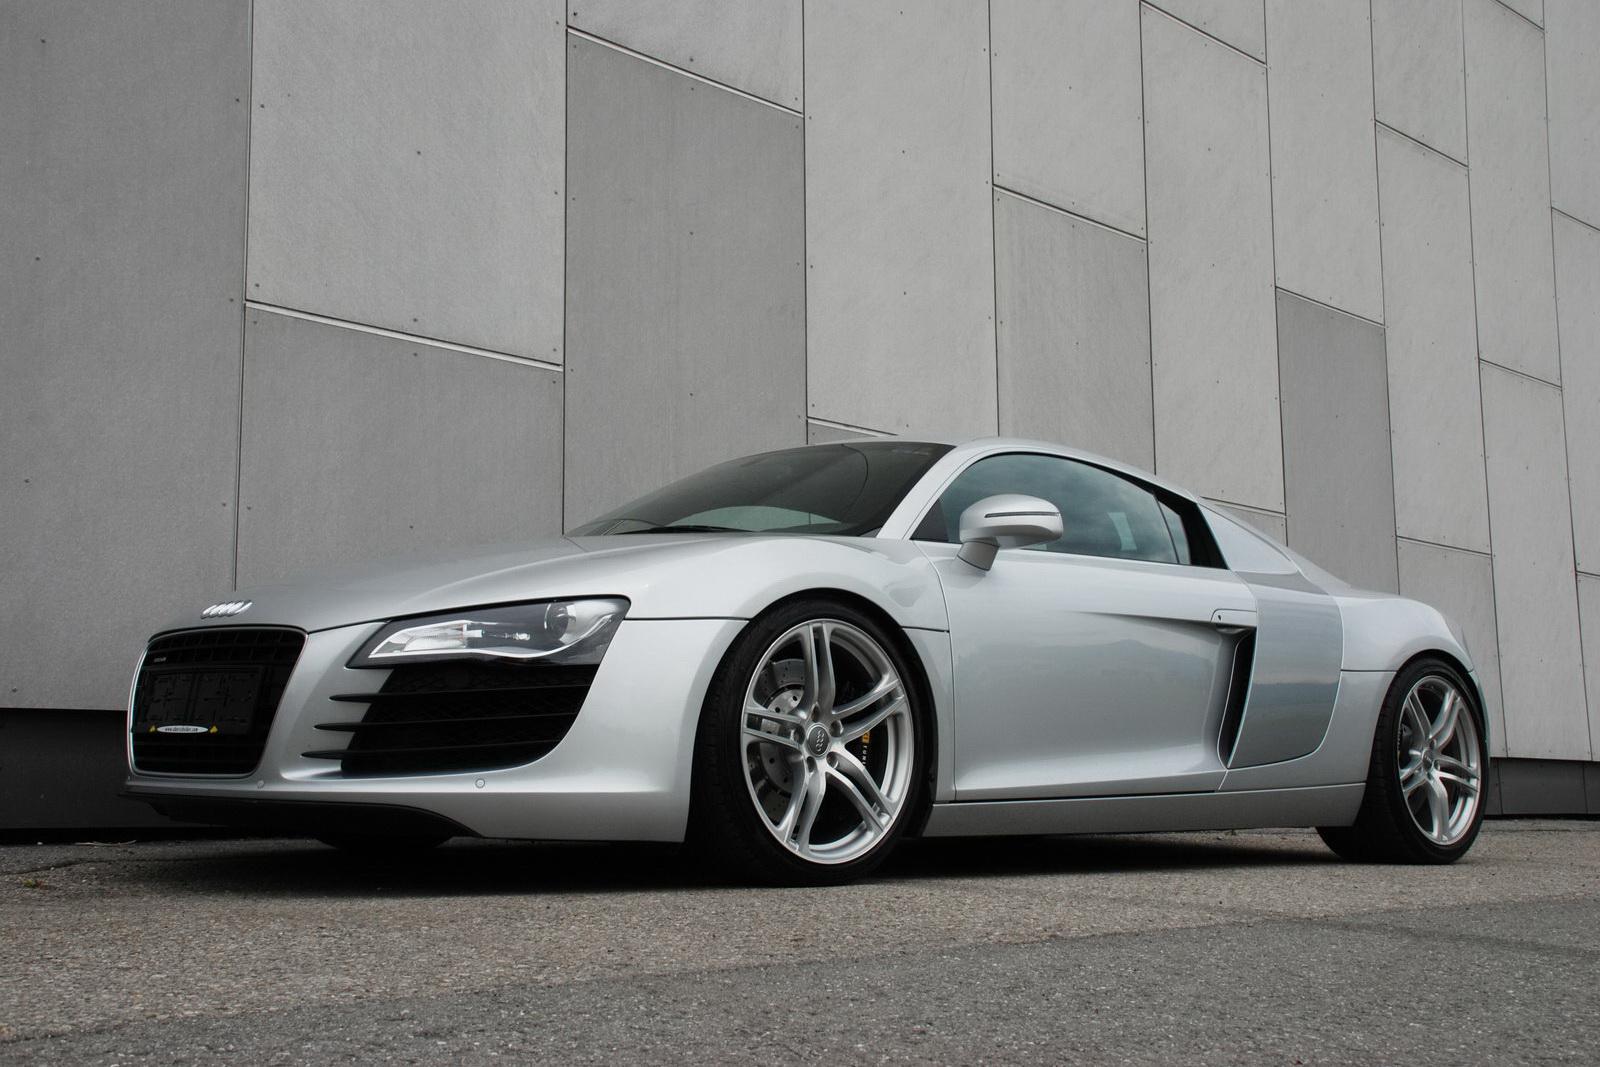 Audi R8 od O.CT. Tuning 8